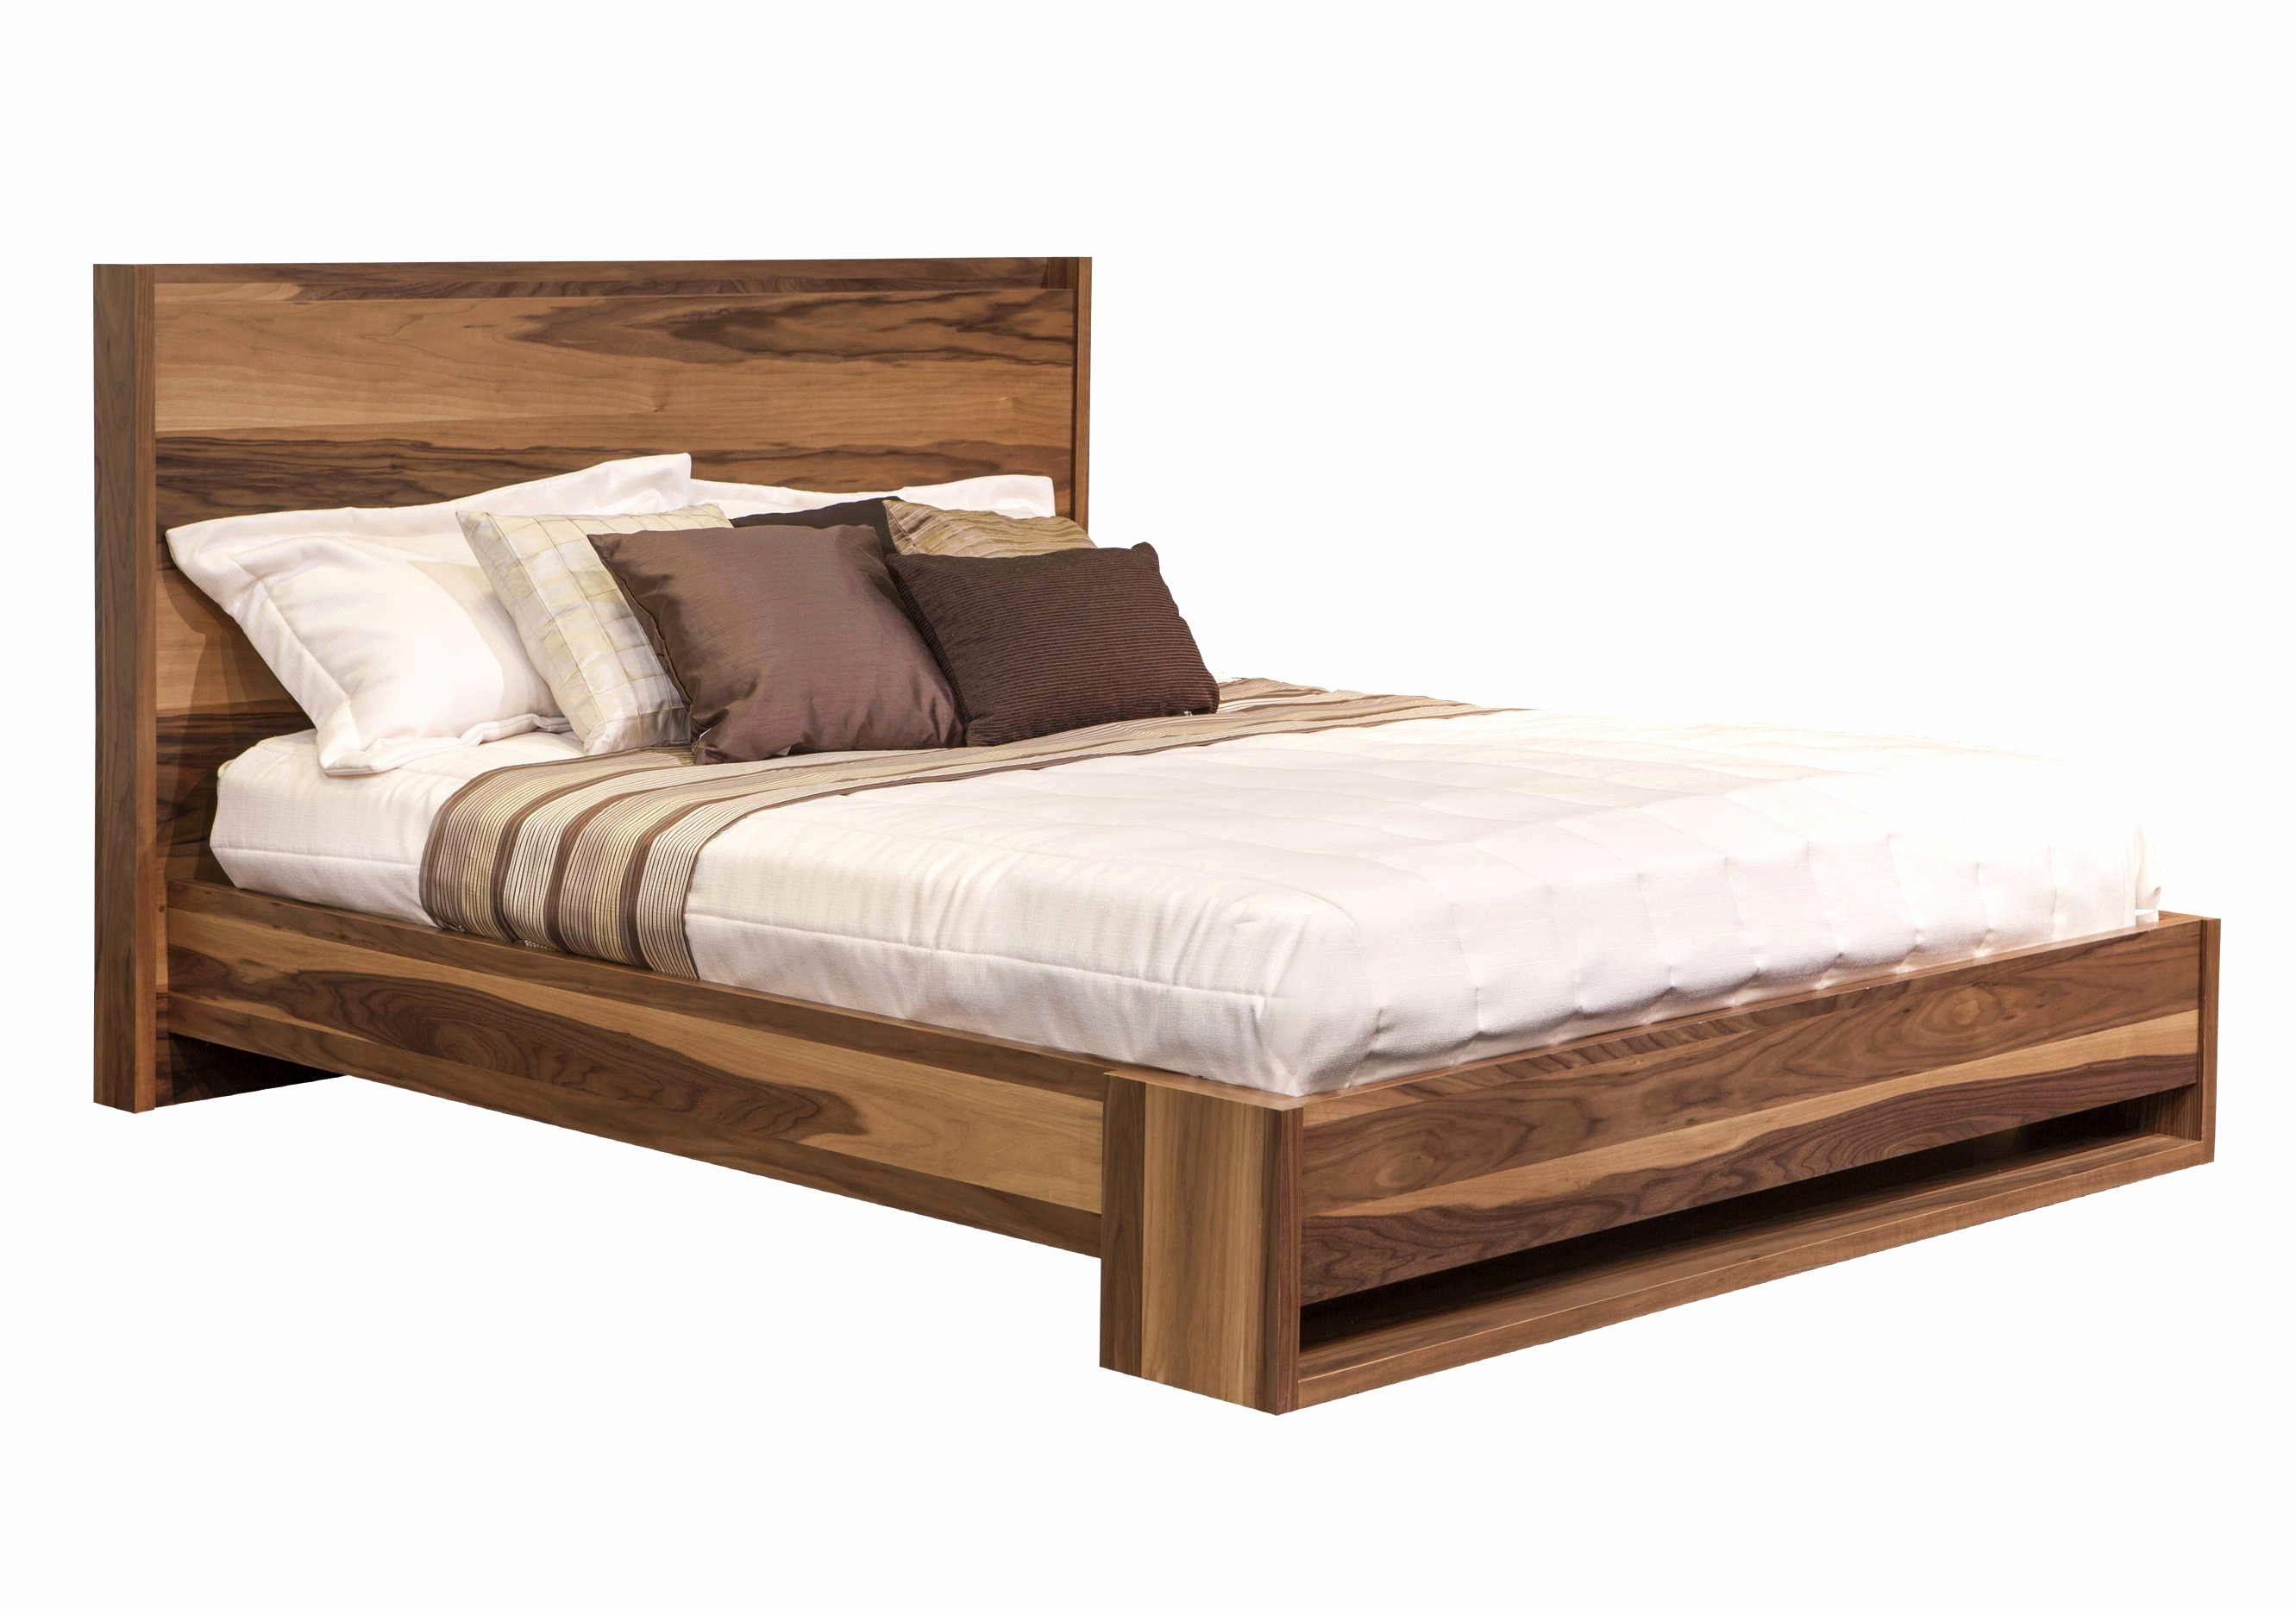 Couette Pour Lit 160—200 Ikea Luxe Dimension Housse De Couette Pour